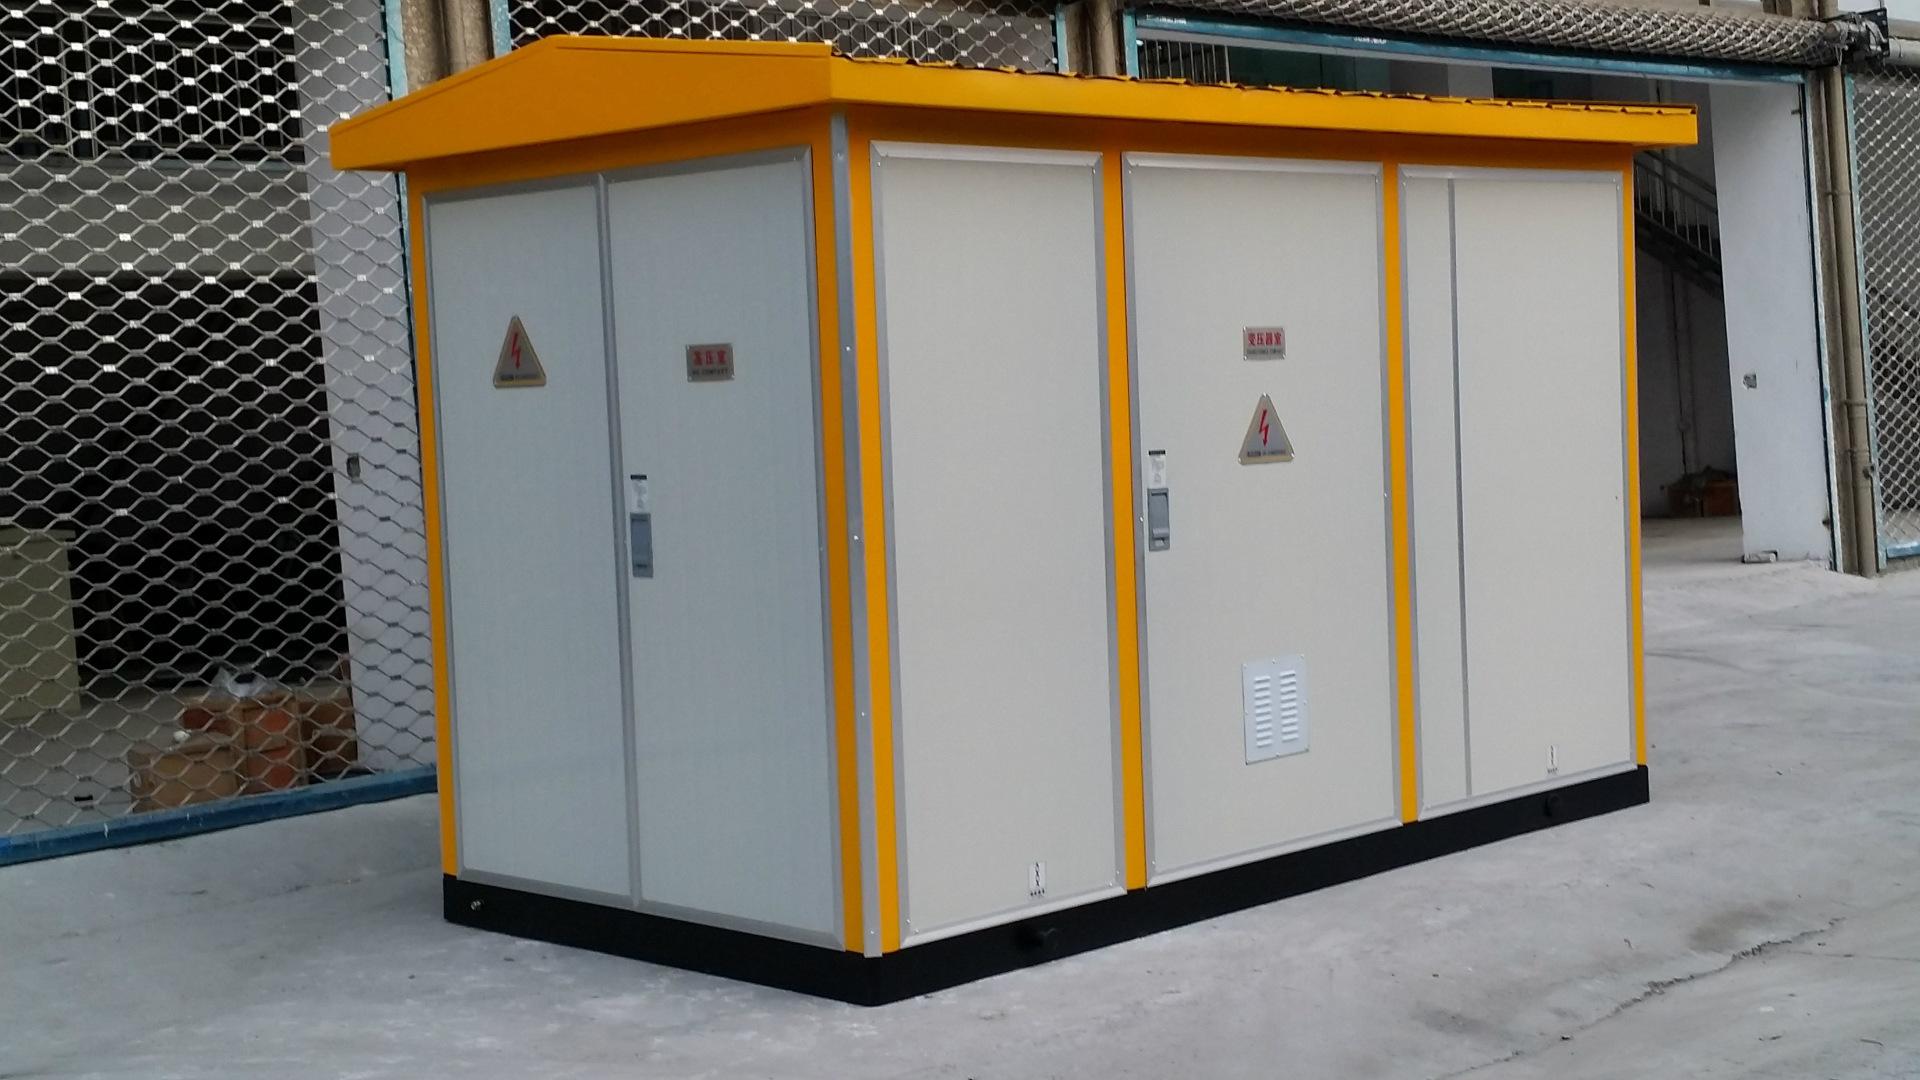 WENSHI Trạm biến áp điện Thay đổi hộp ZBW-12